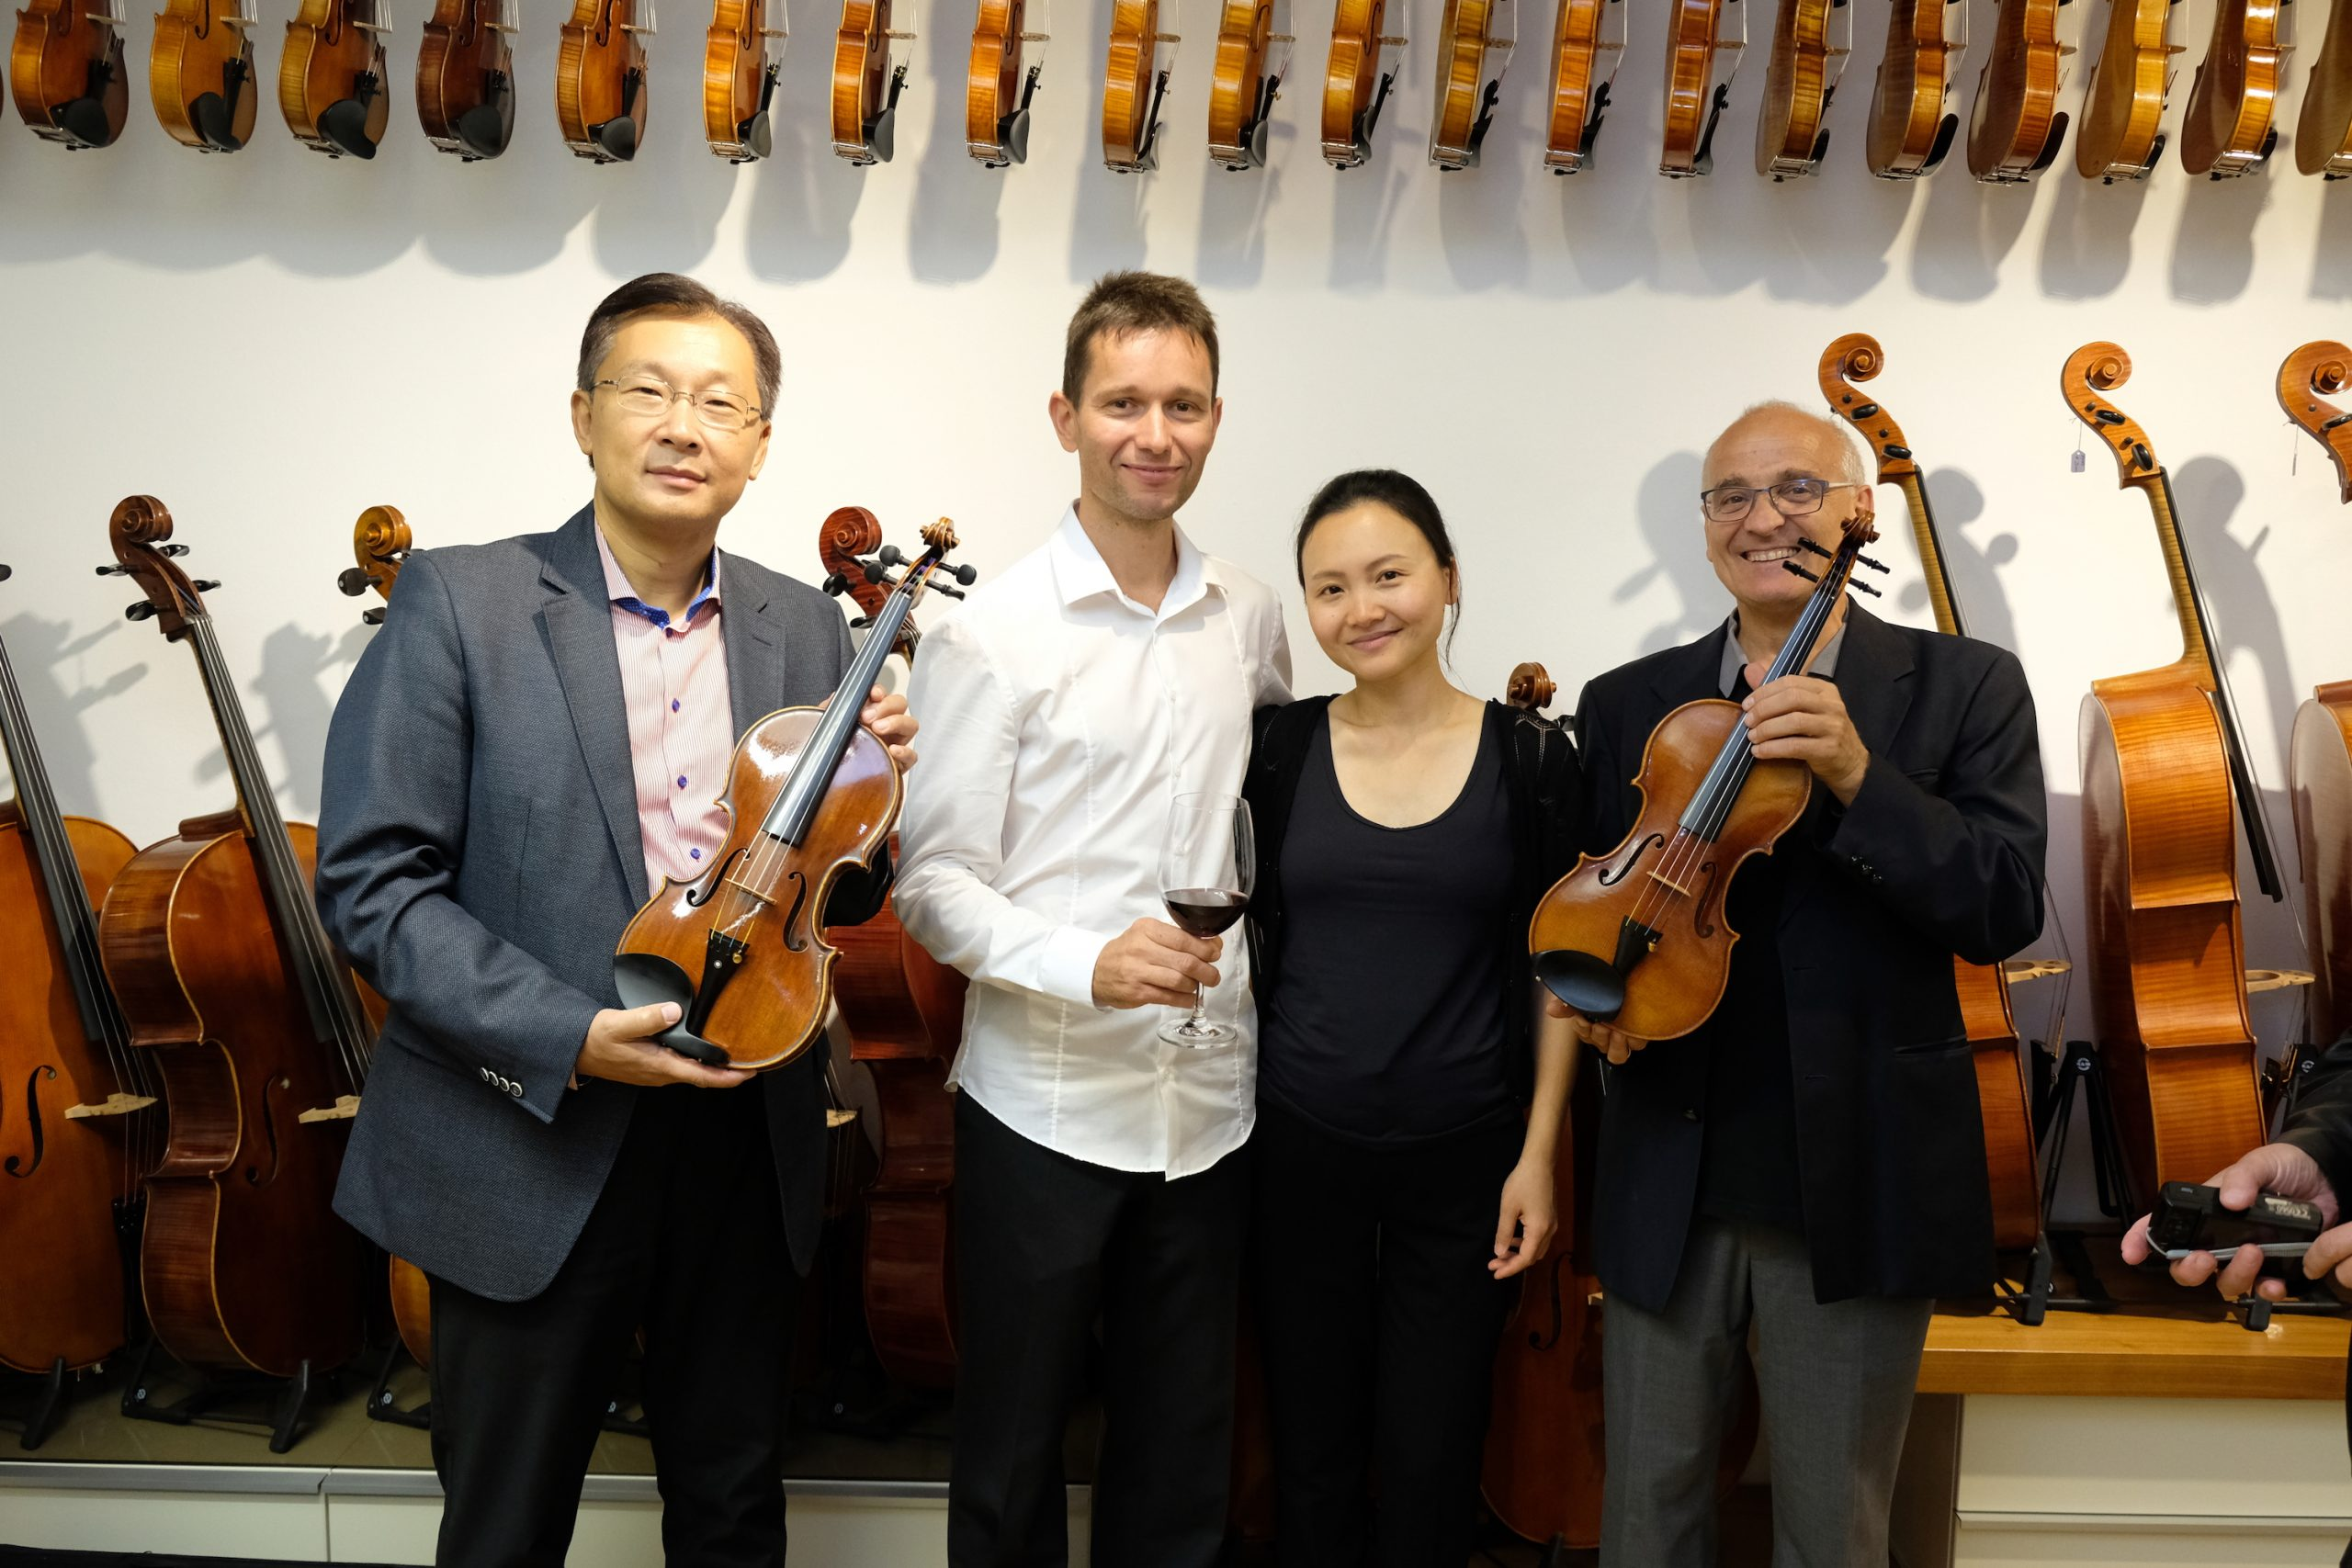 Lui Chan, Alexander Schütz, Qianqian Feng Schütz, Johannes Sonnberger